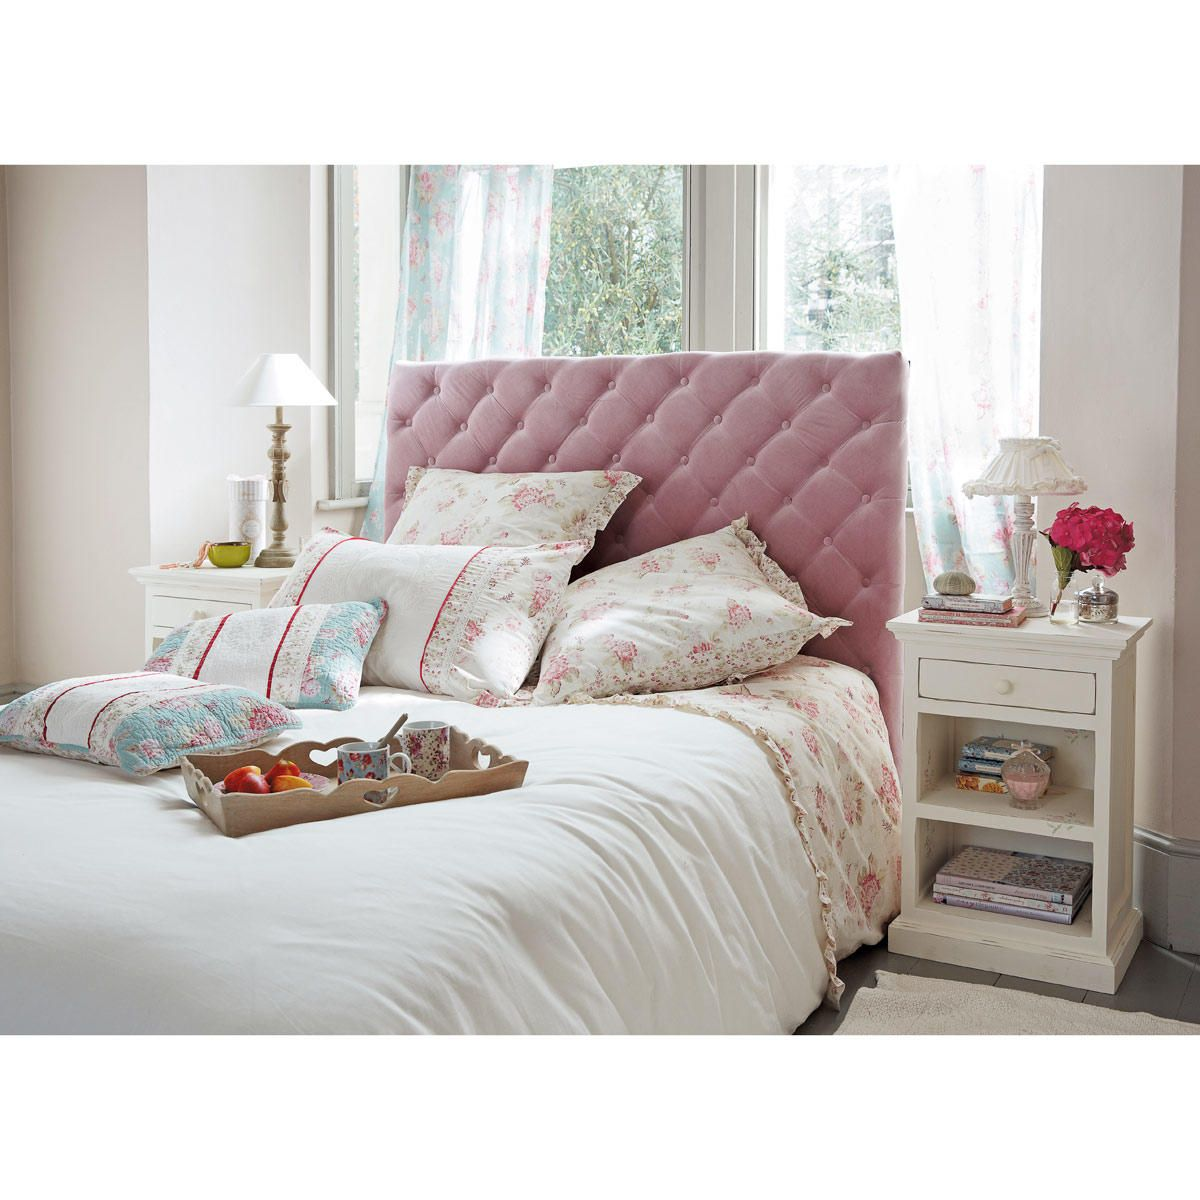 Cabecero de cama de 140 de terciopelo acolchado rosa Chesterfield ...